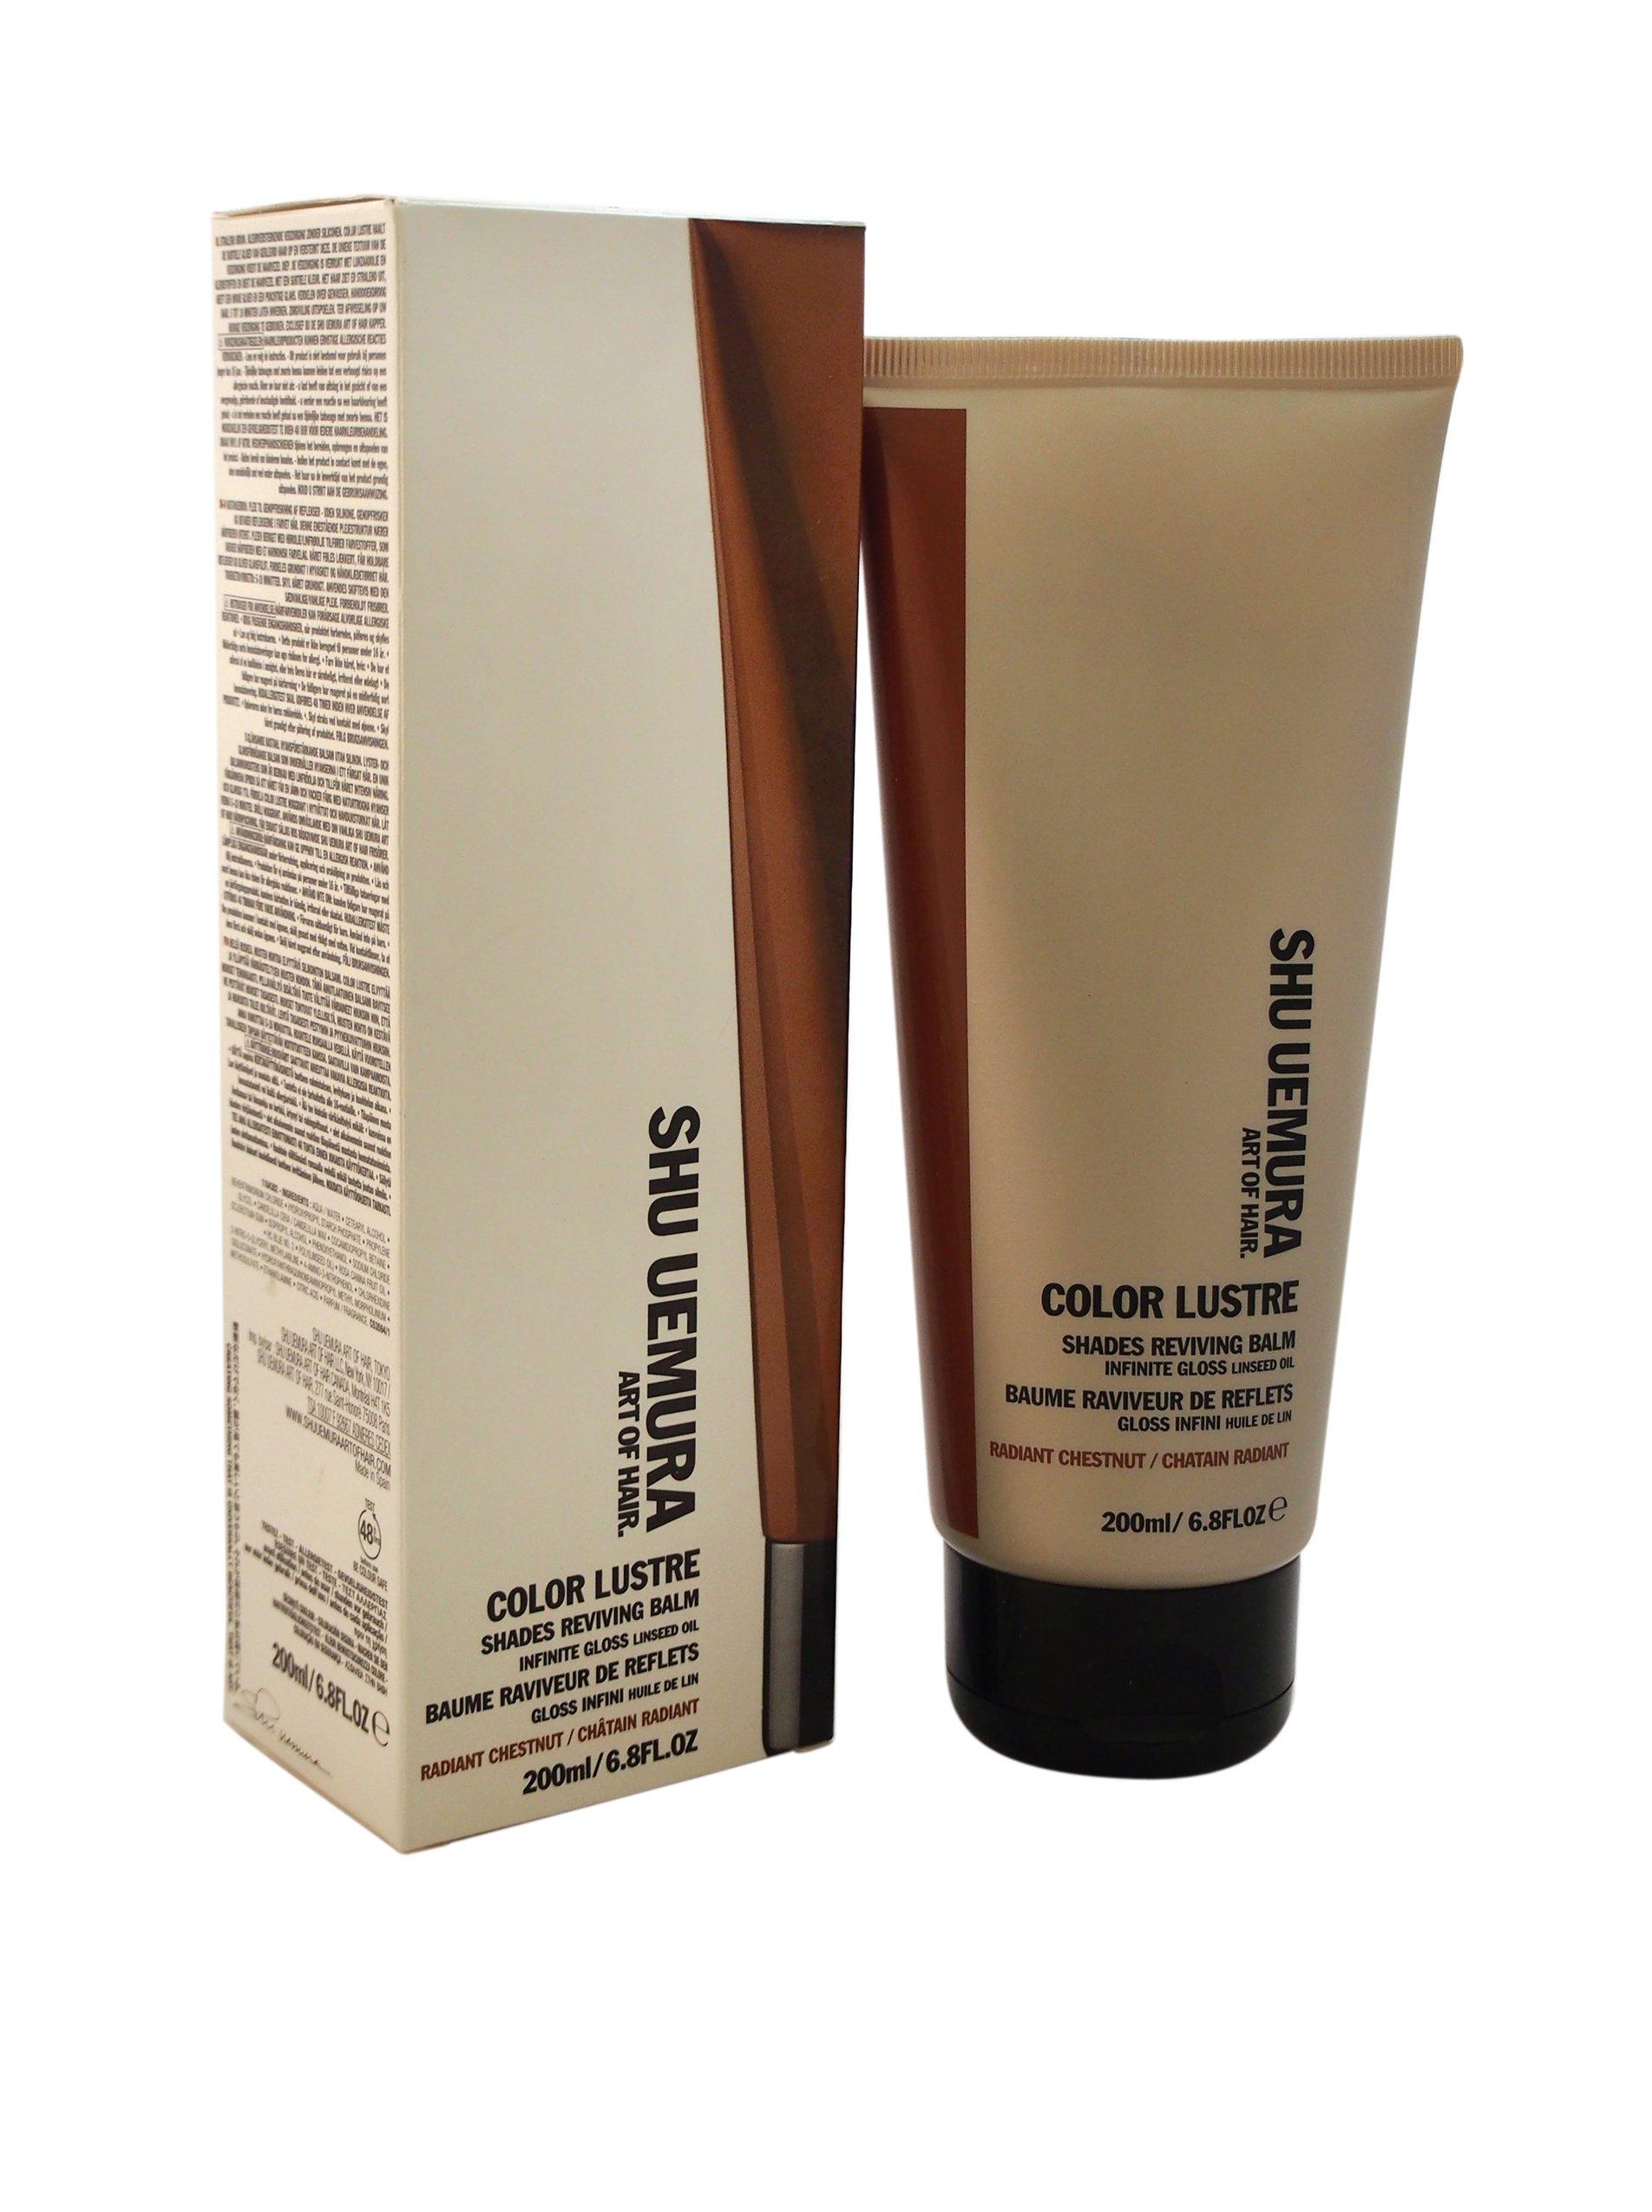 Shu Uemura Color Lustre Revining Balm for Unisex, Radiant Chestnut, 6.8 Ounce